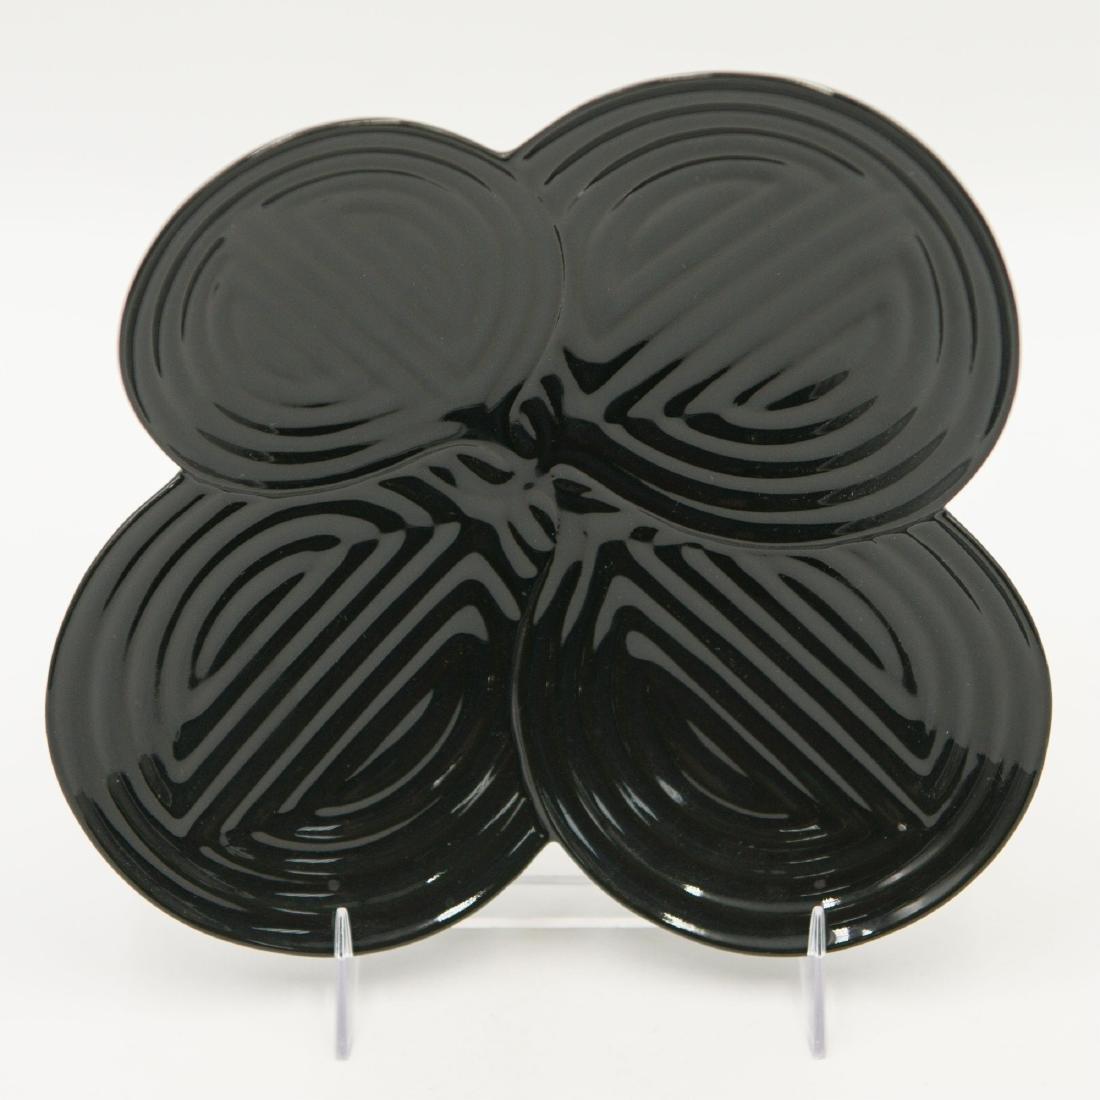 LLADRO NATUROFANTASTIC BLACK APPETIZER PLATE DISH